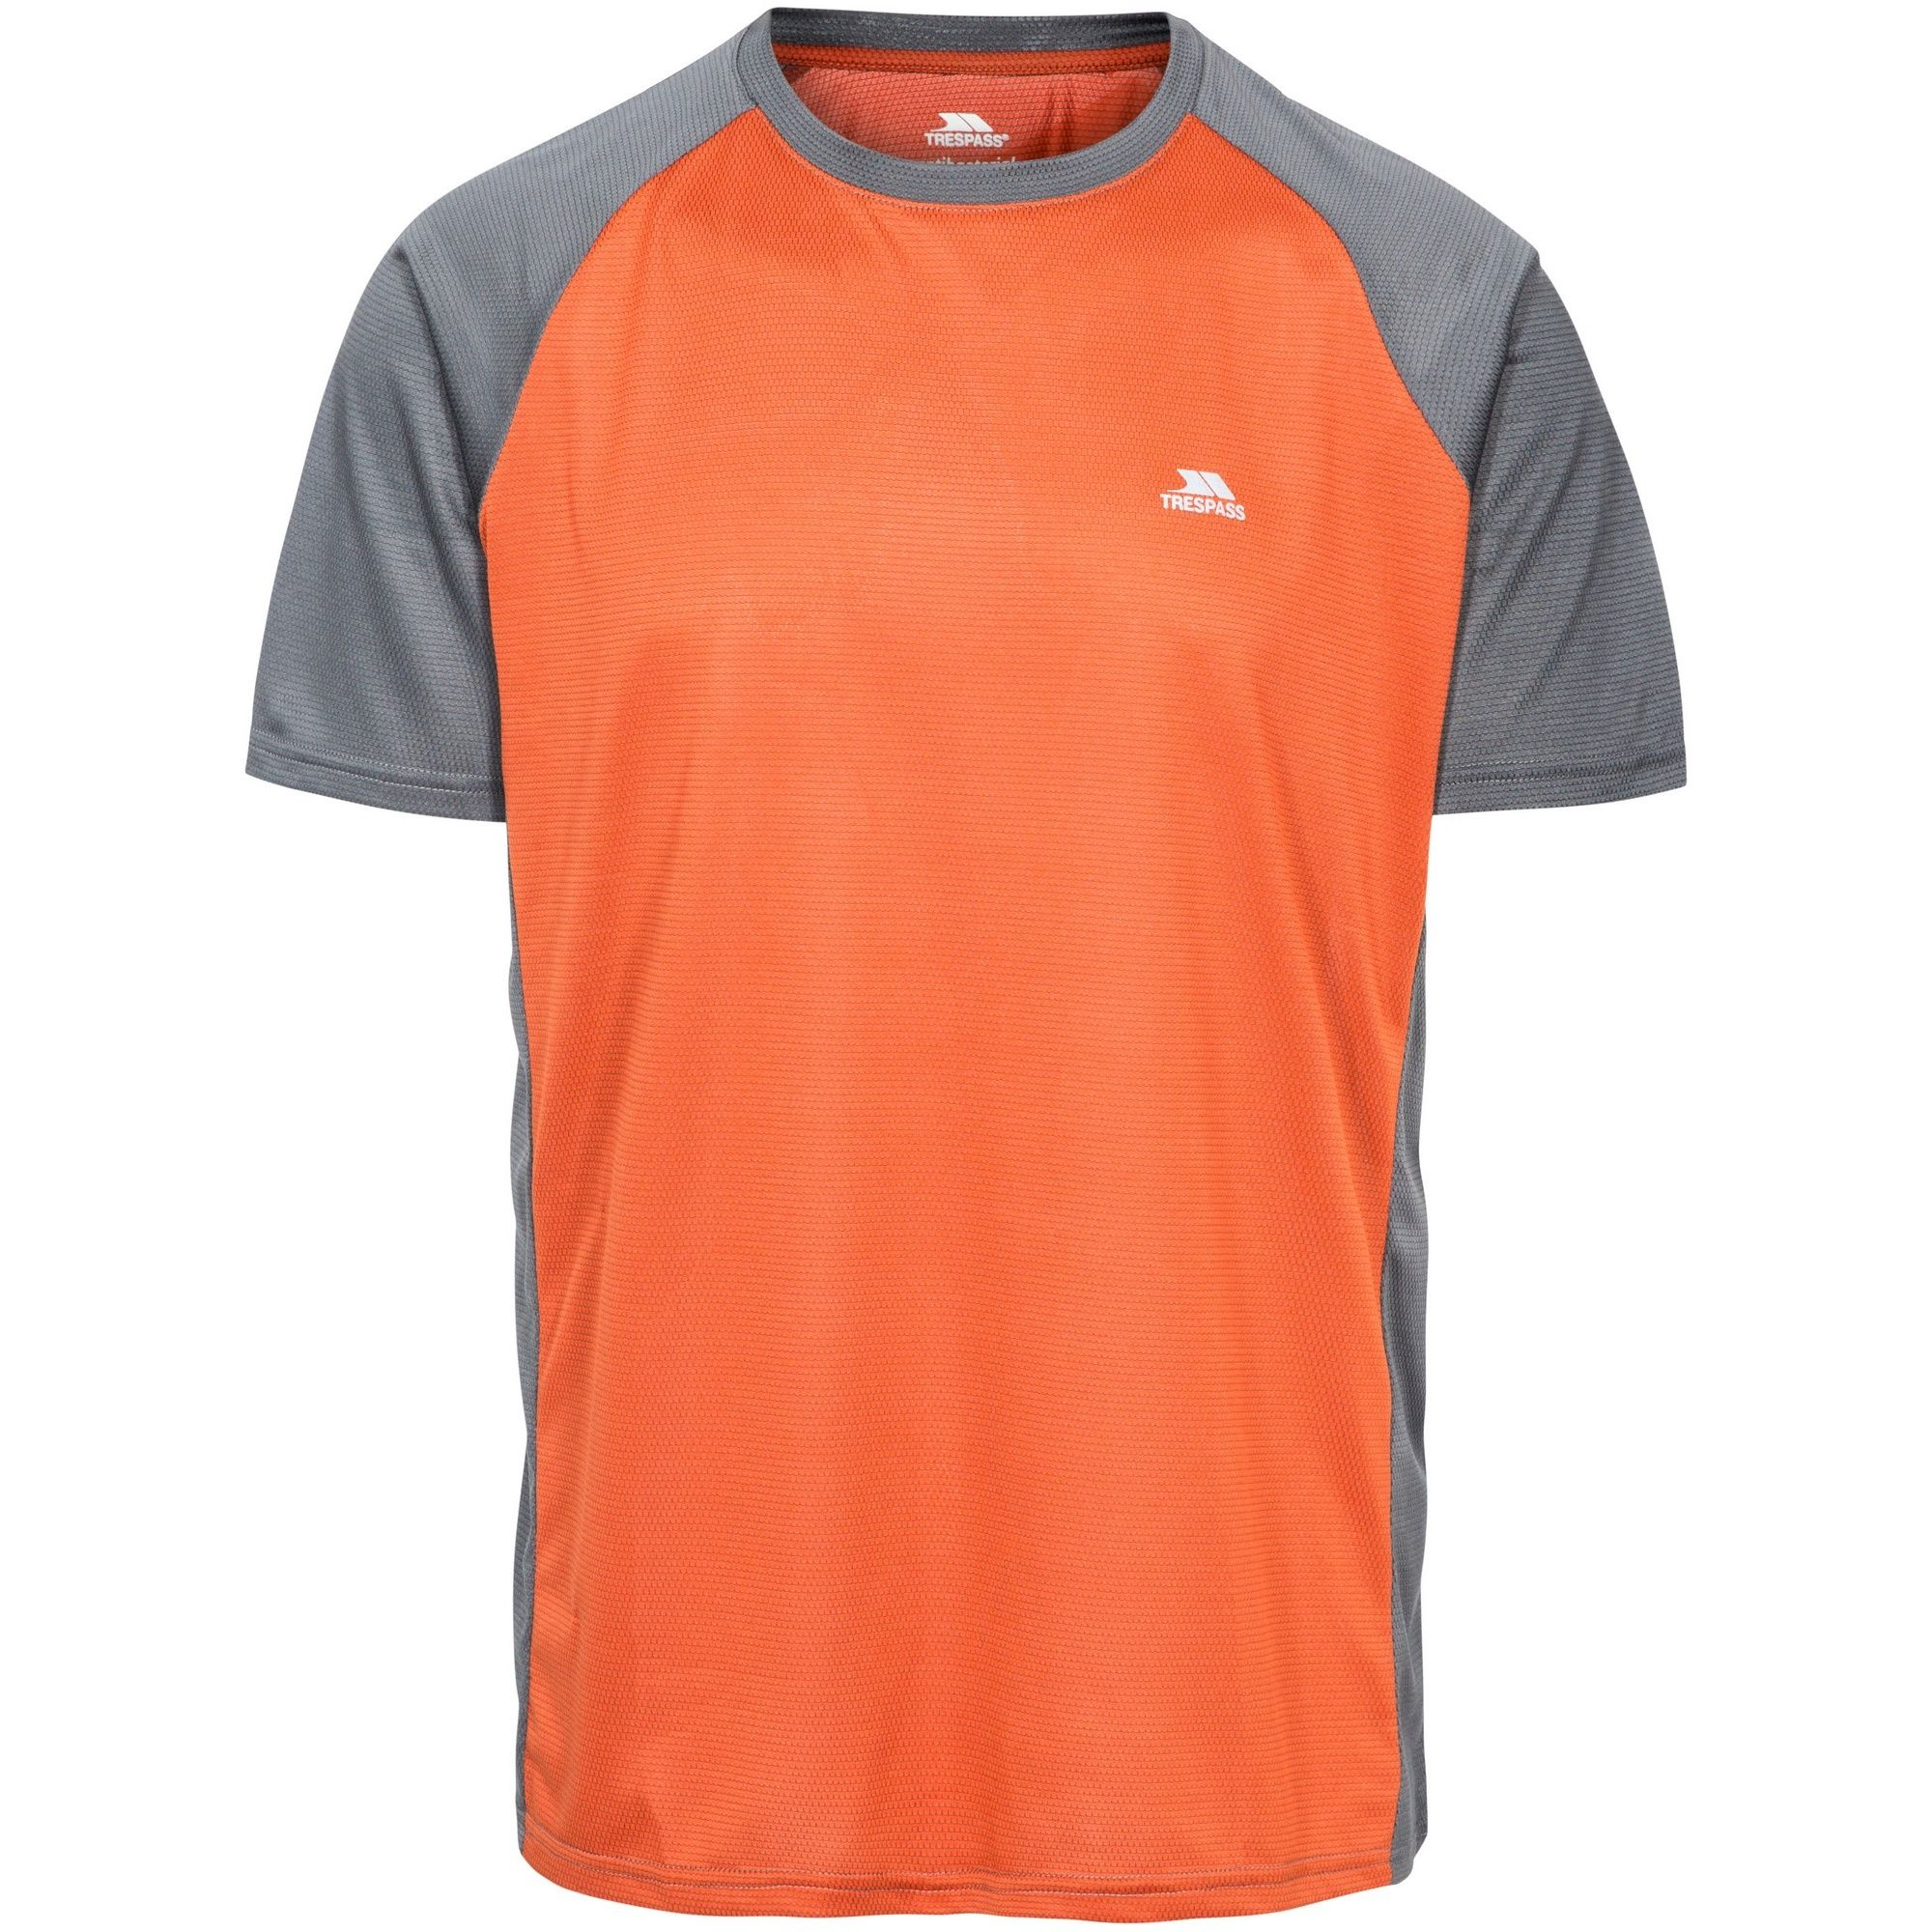 Trespass Mens Talca Active T-Shirt